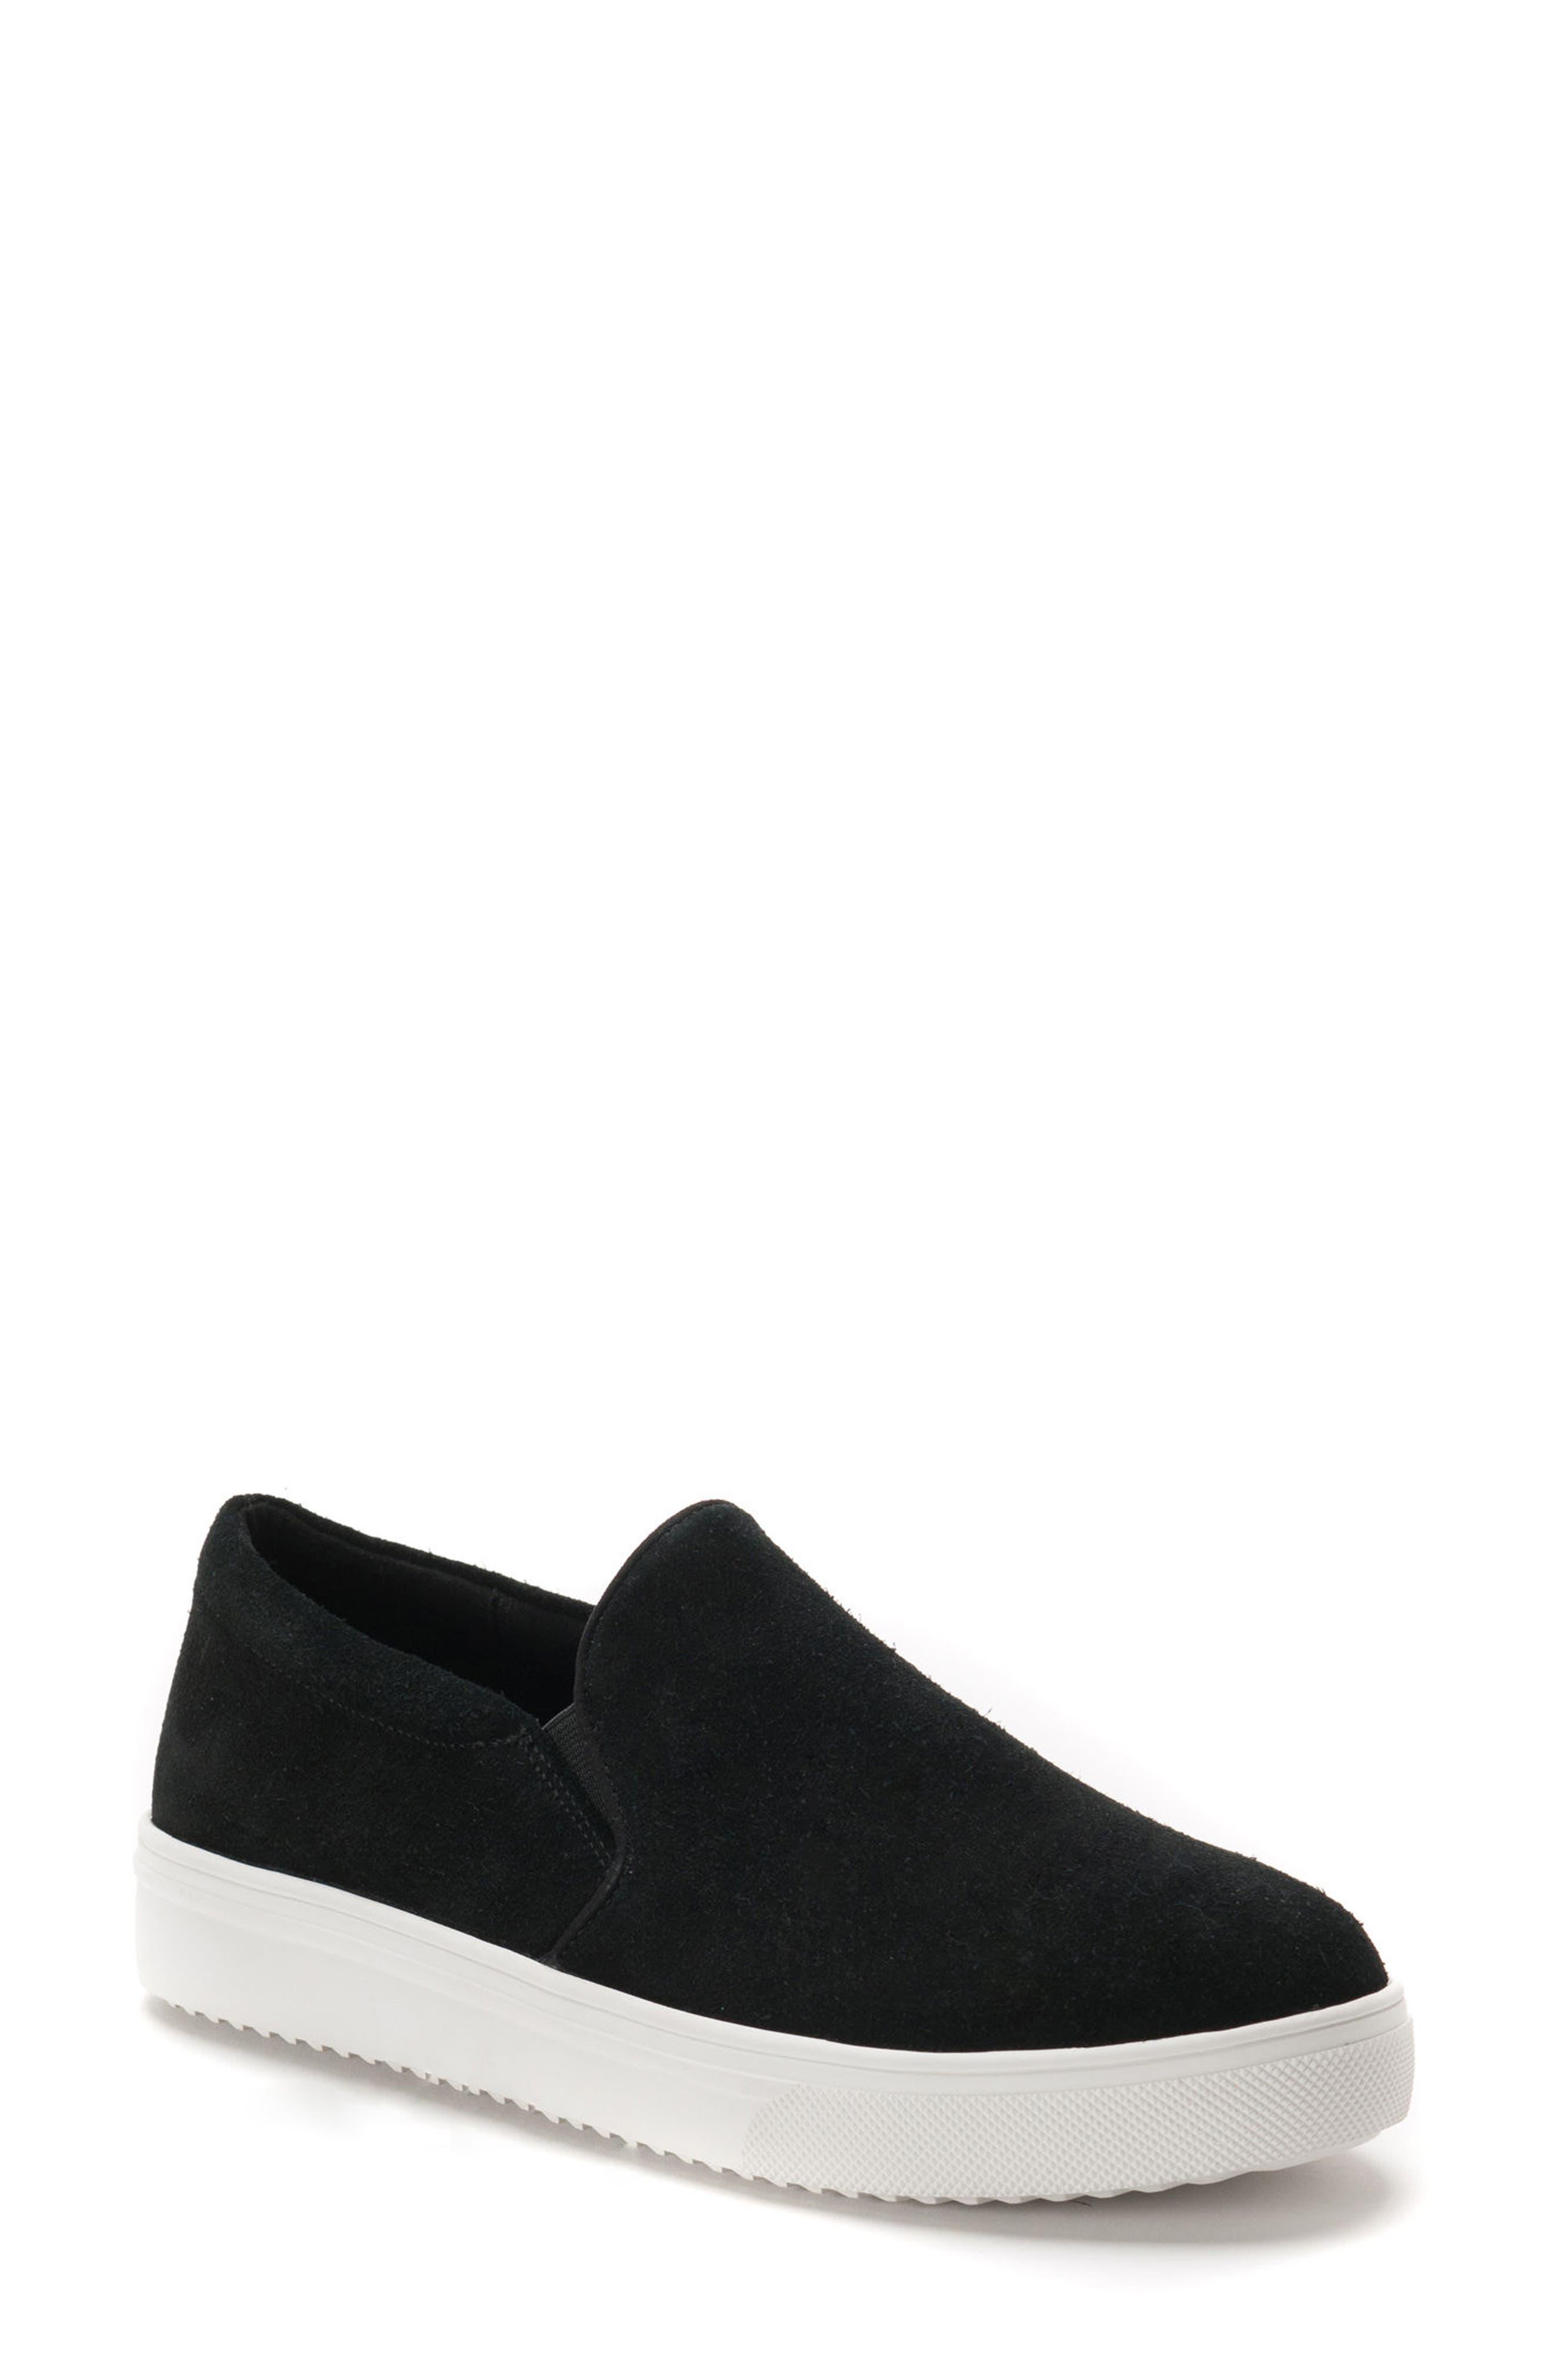 BLONDO, Gracie Waterproof Slip-On Sneaker, Main thumbnail 1, color, BLACK SUEDE